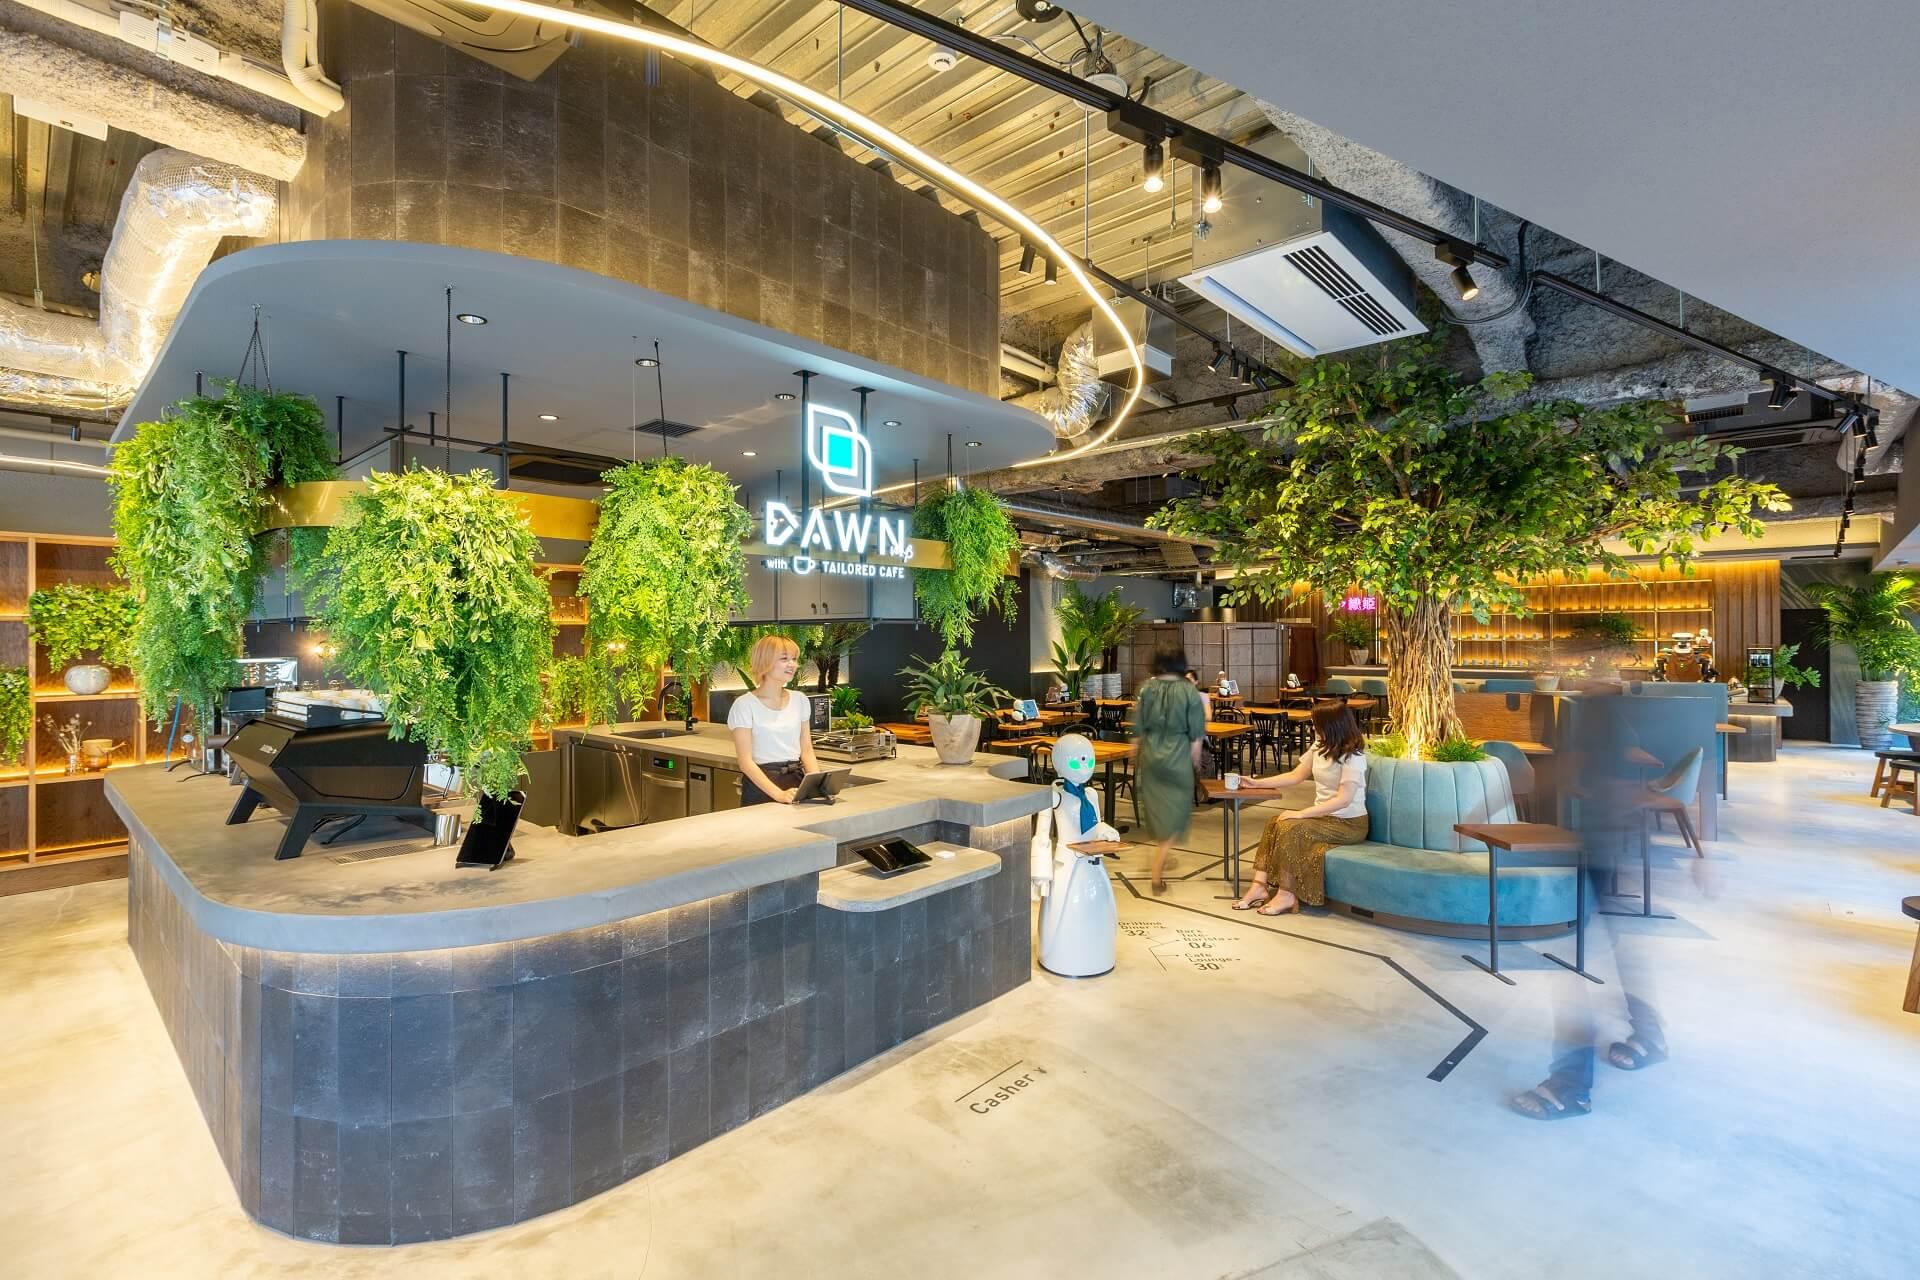 Wie sieht ein barrierefreies Café aus?